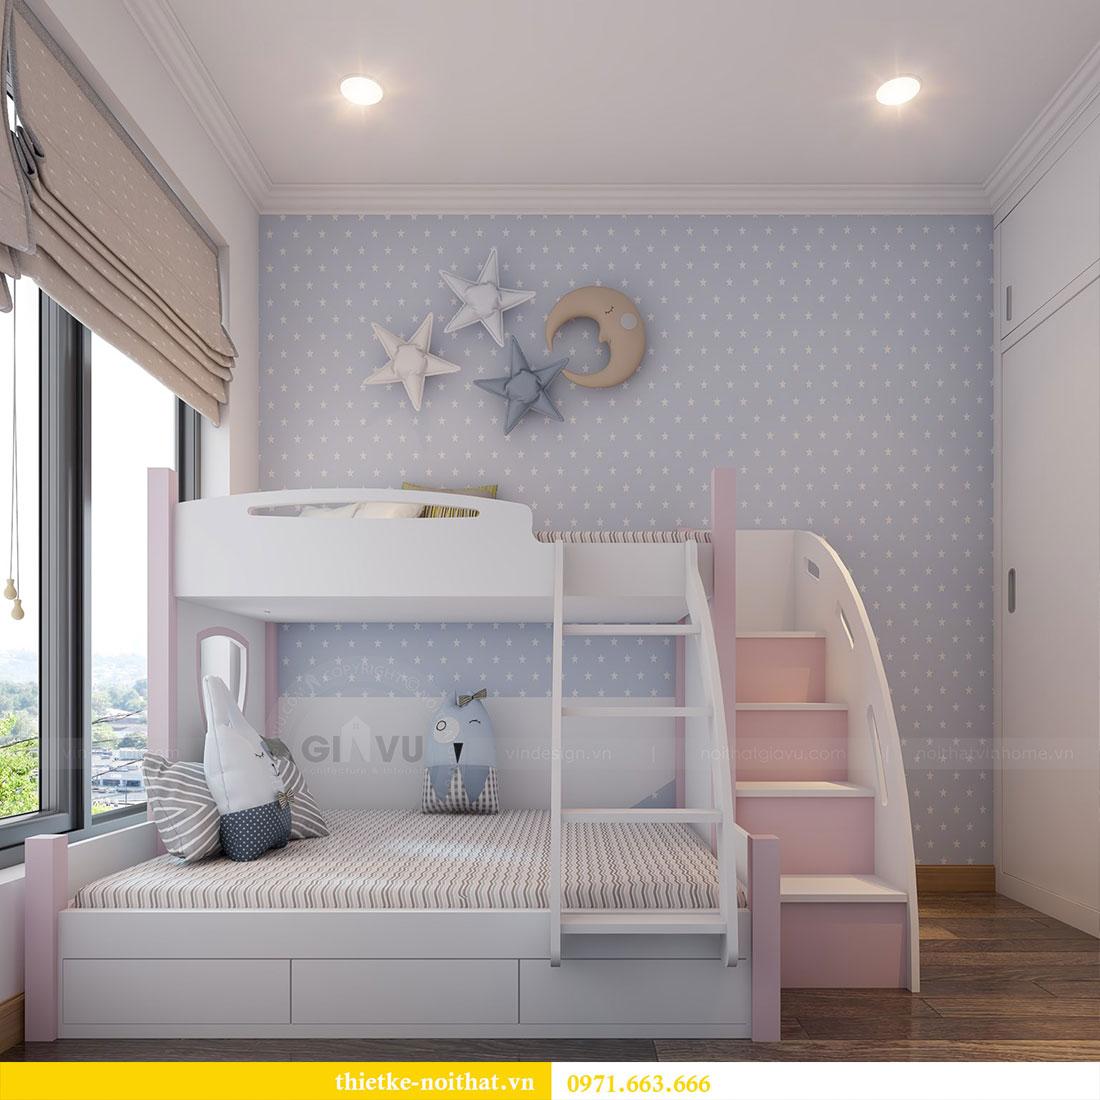 Thiết kế nội thất chung cư Gardenia căn 12A tòa A1 - Anh Hùng 9